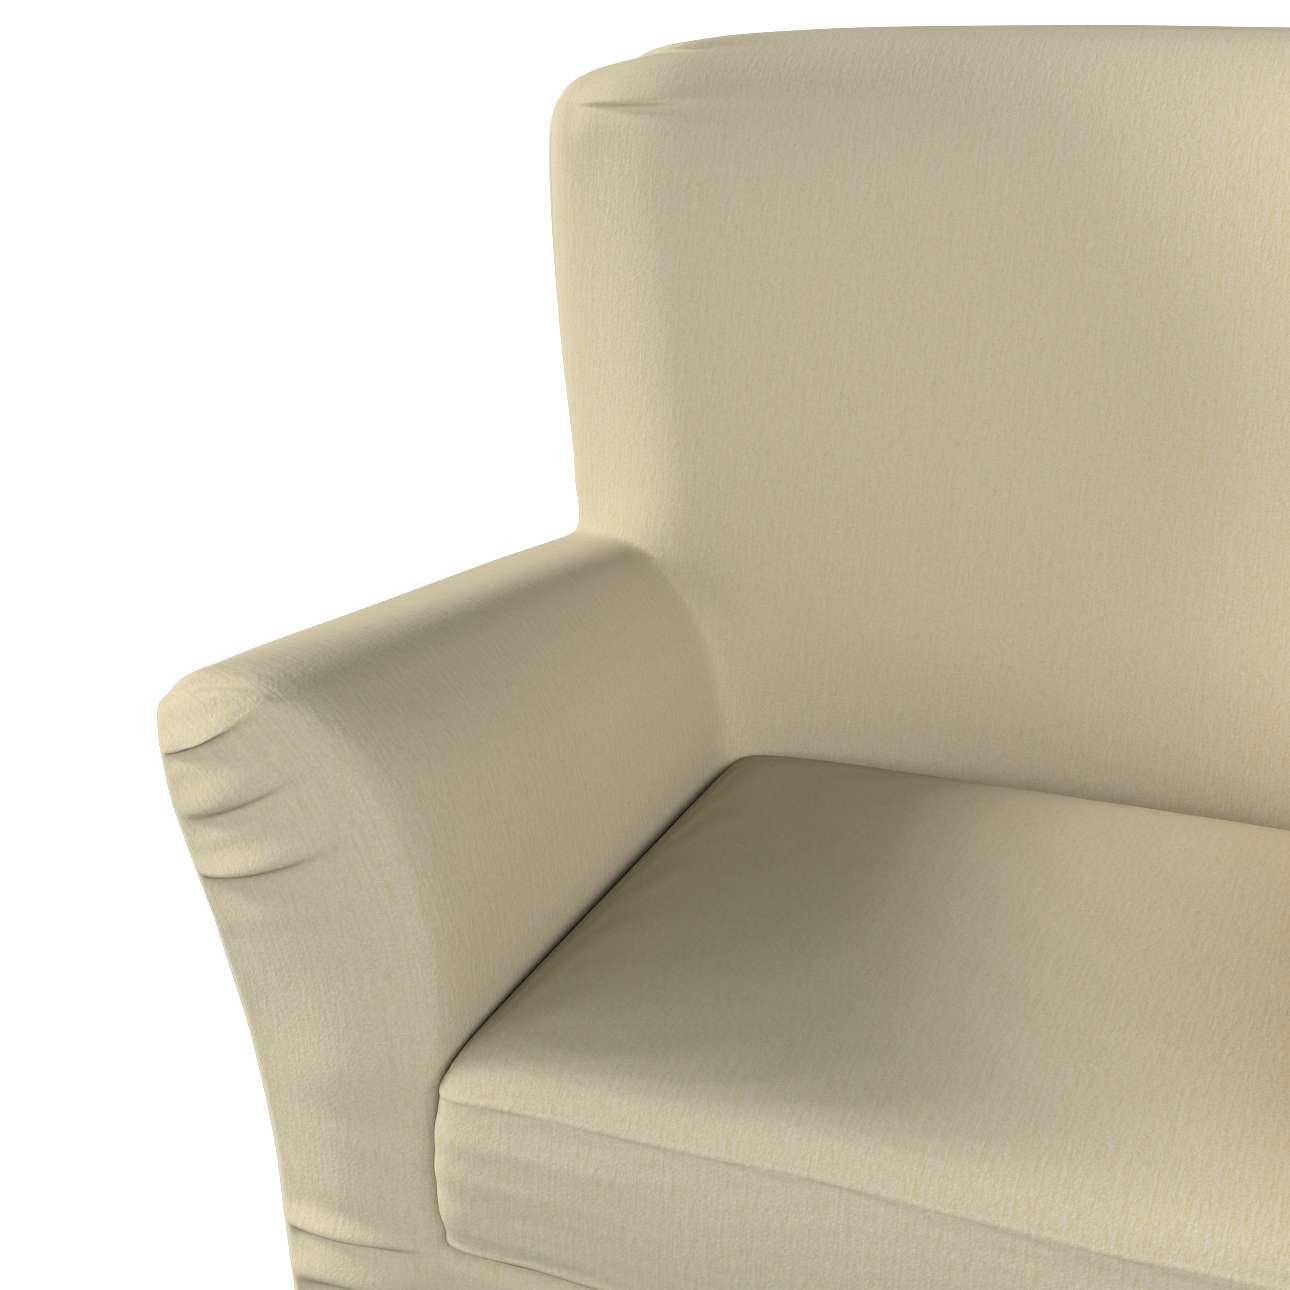 Pokrowiec na fotel Tomelilla z zakładkami w kolekcji Chenille, tkanina: 702-22